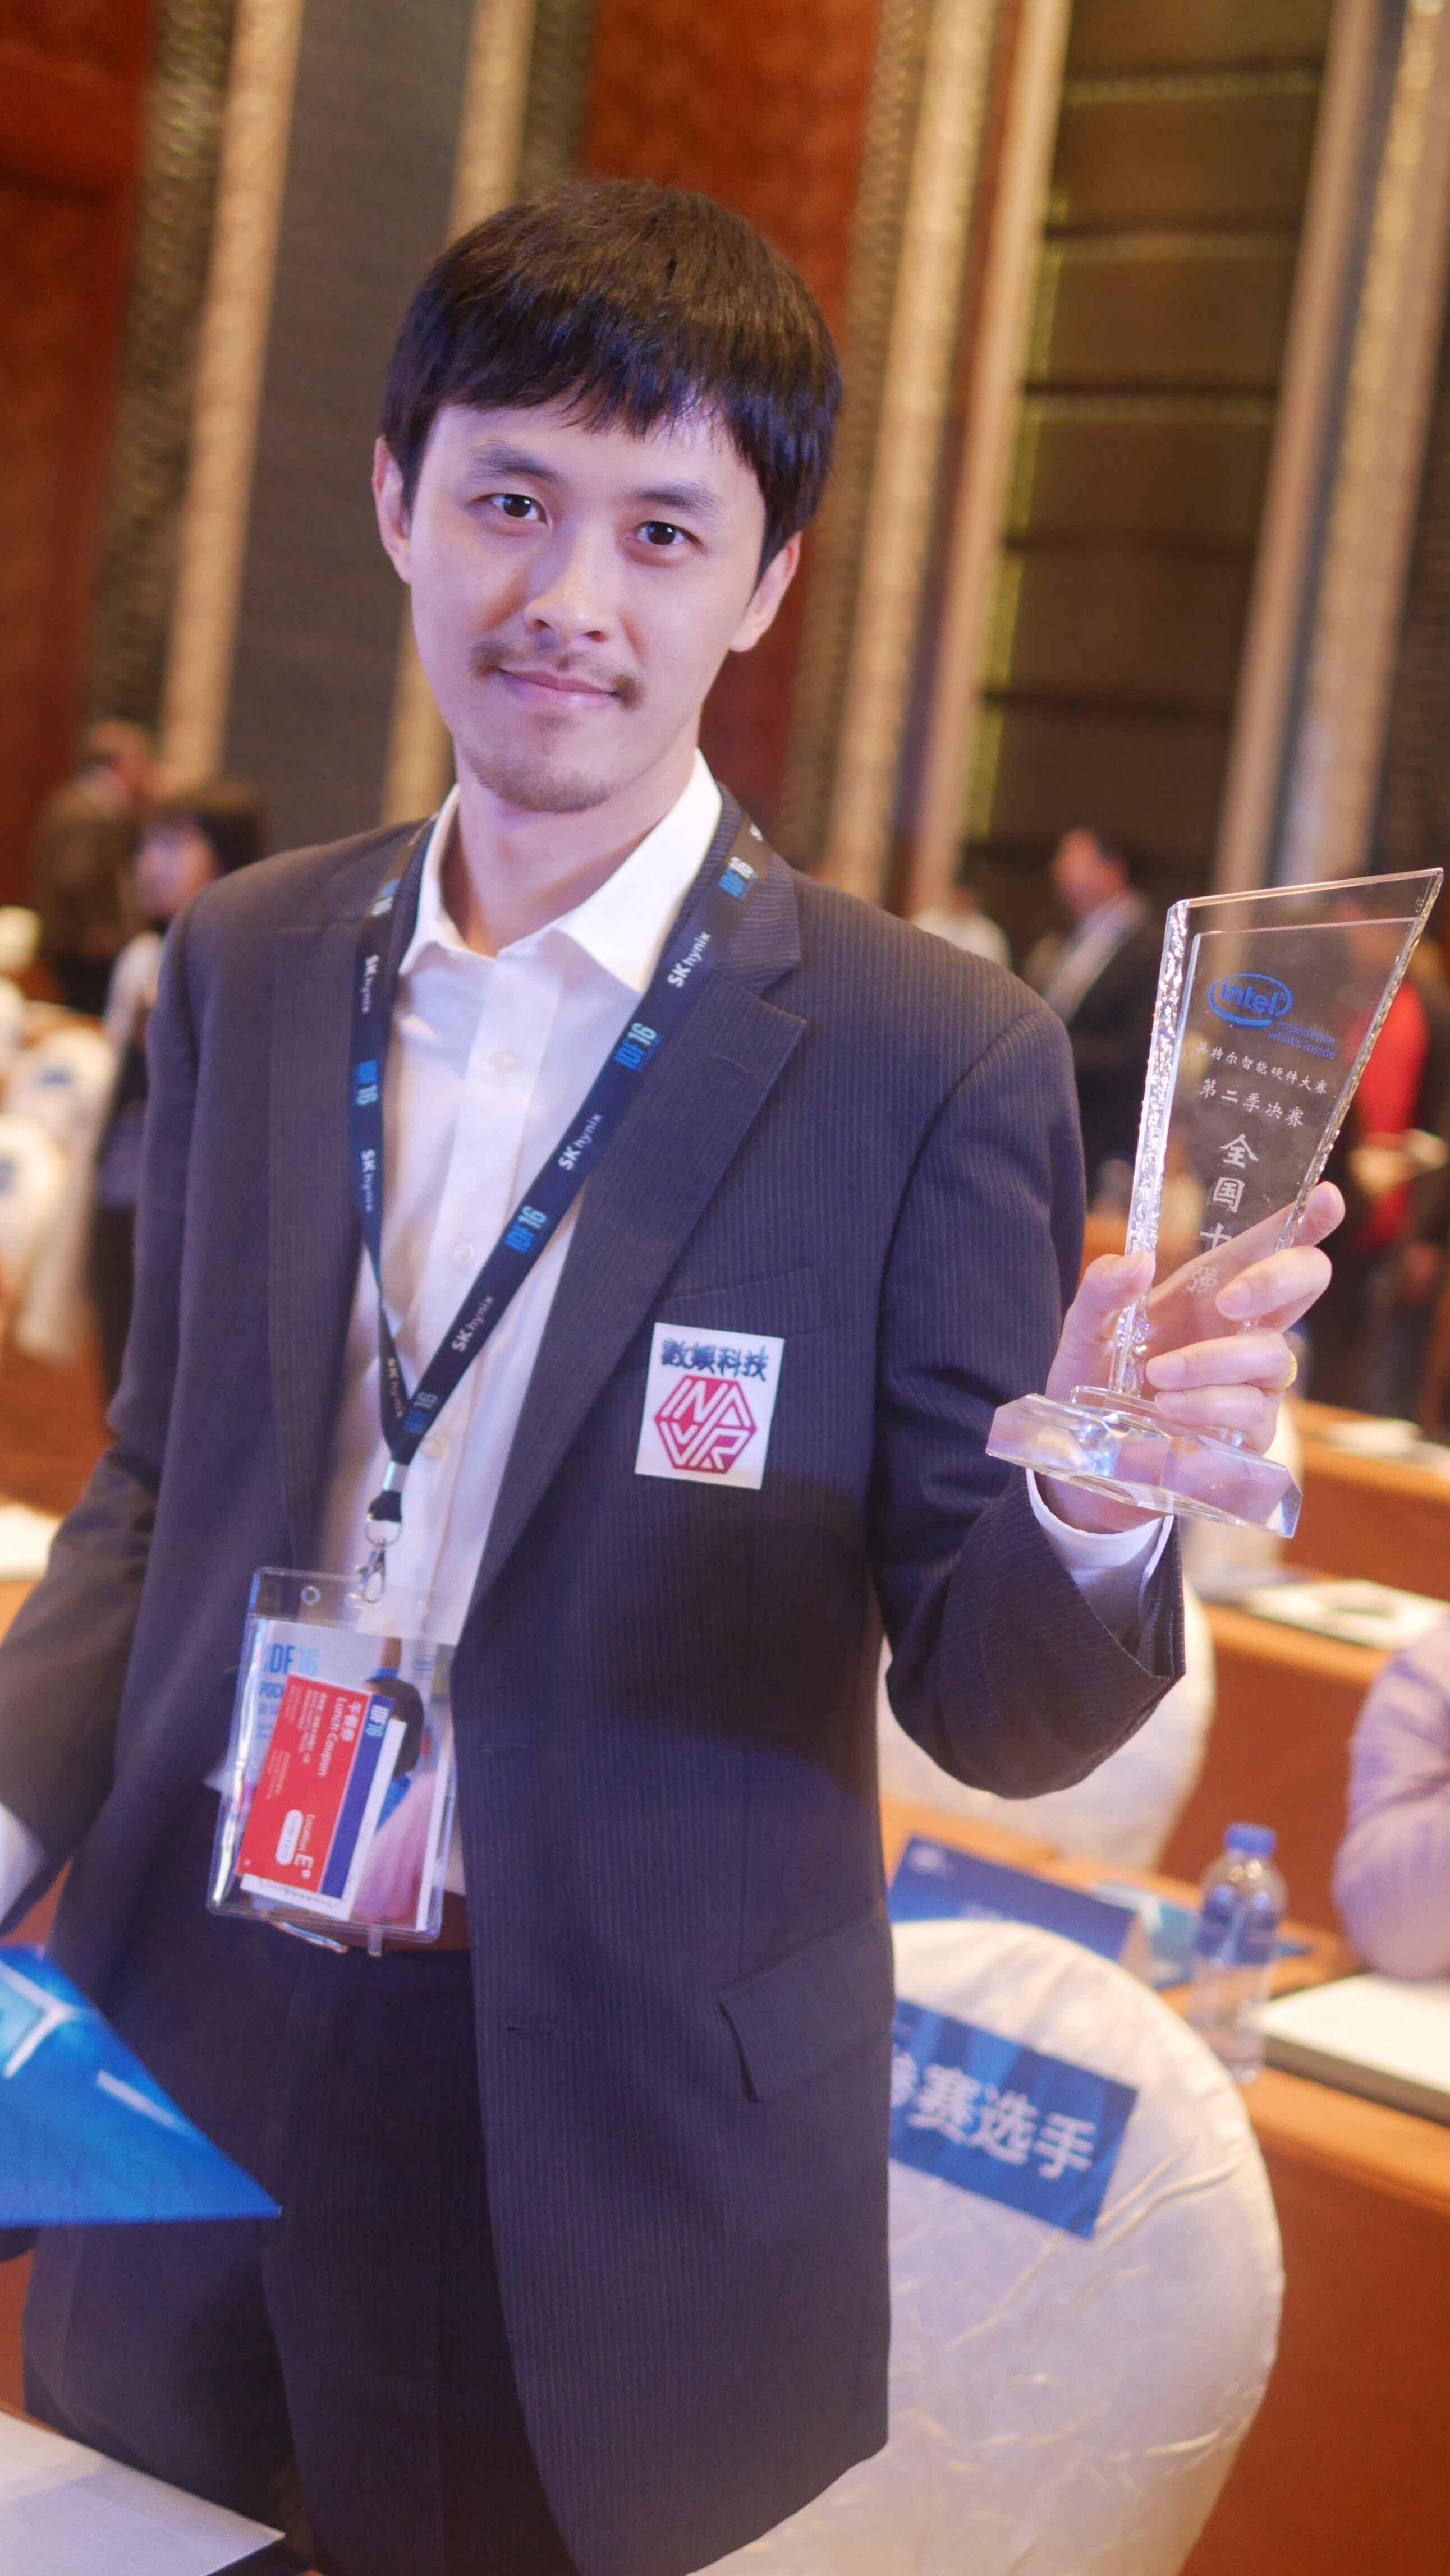 广州数娱信息科技有限公司CEO林云帆